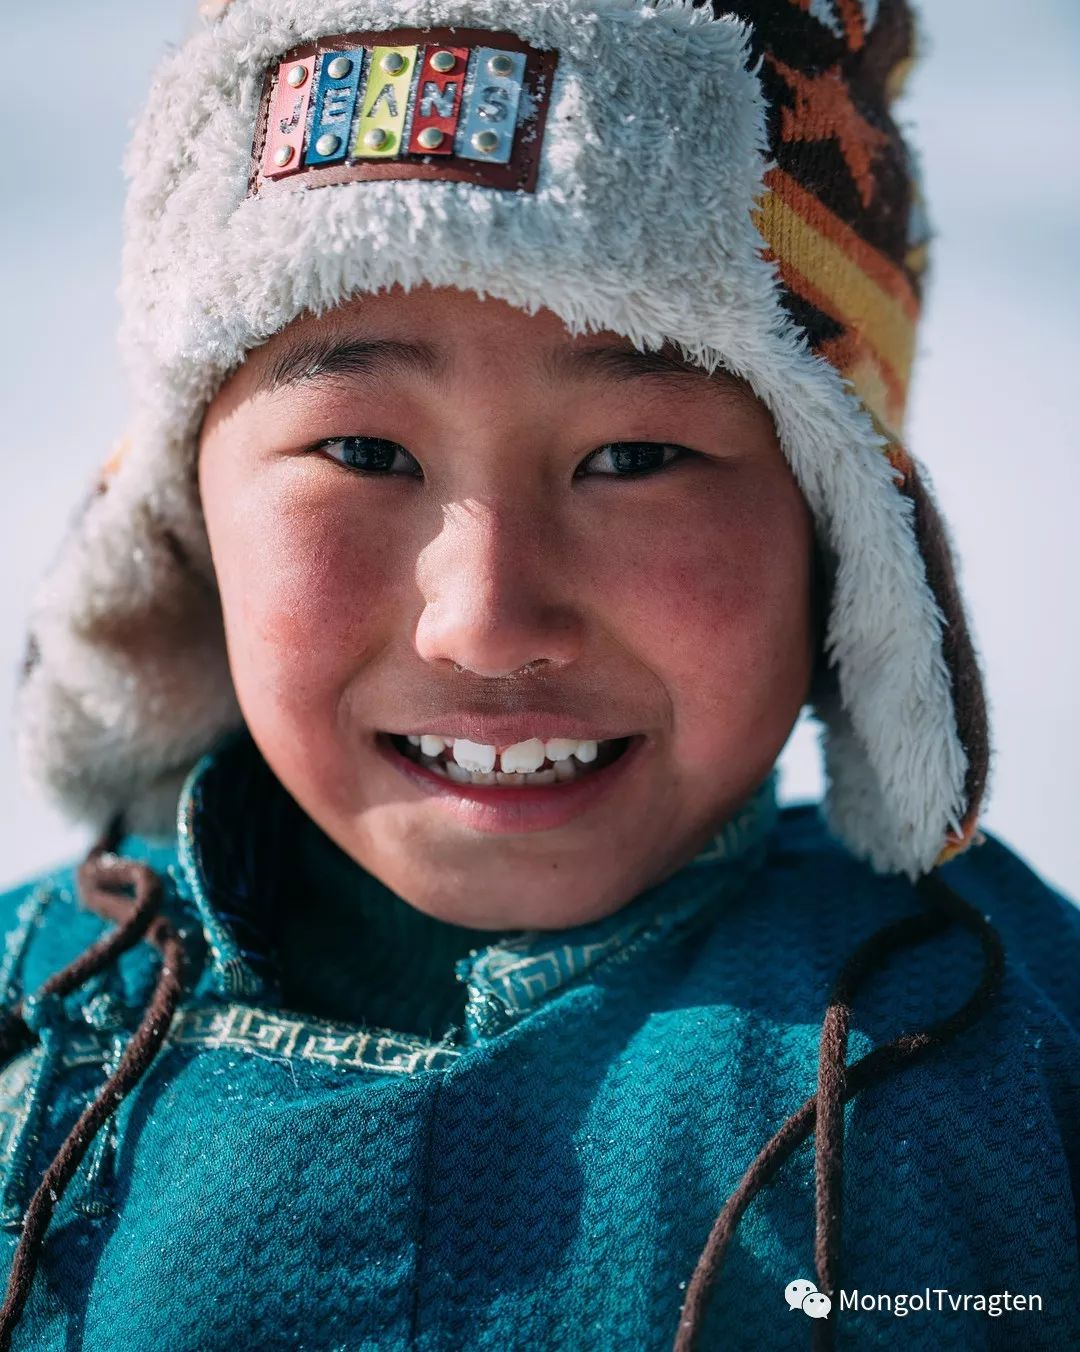 蒙古影像-- khangaikhuu.P 第1张